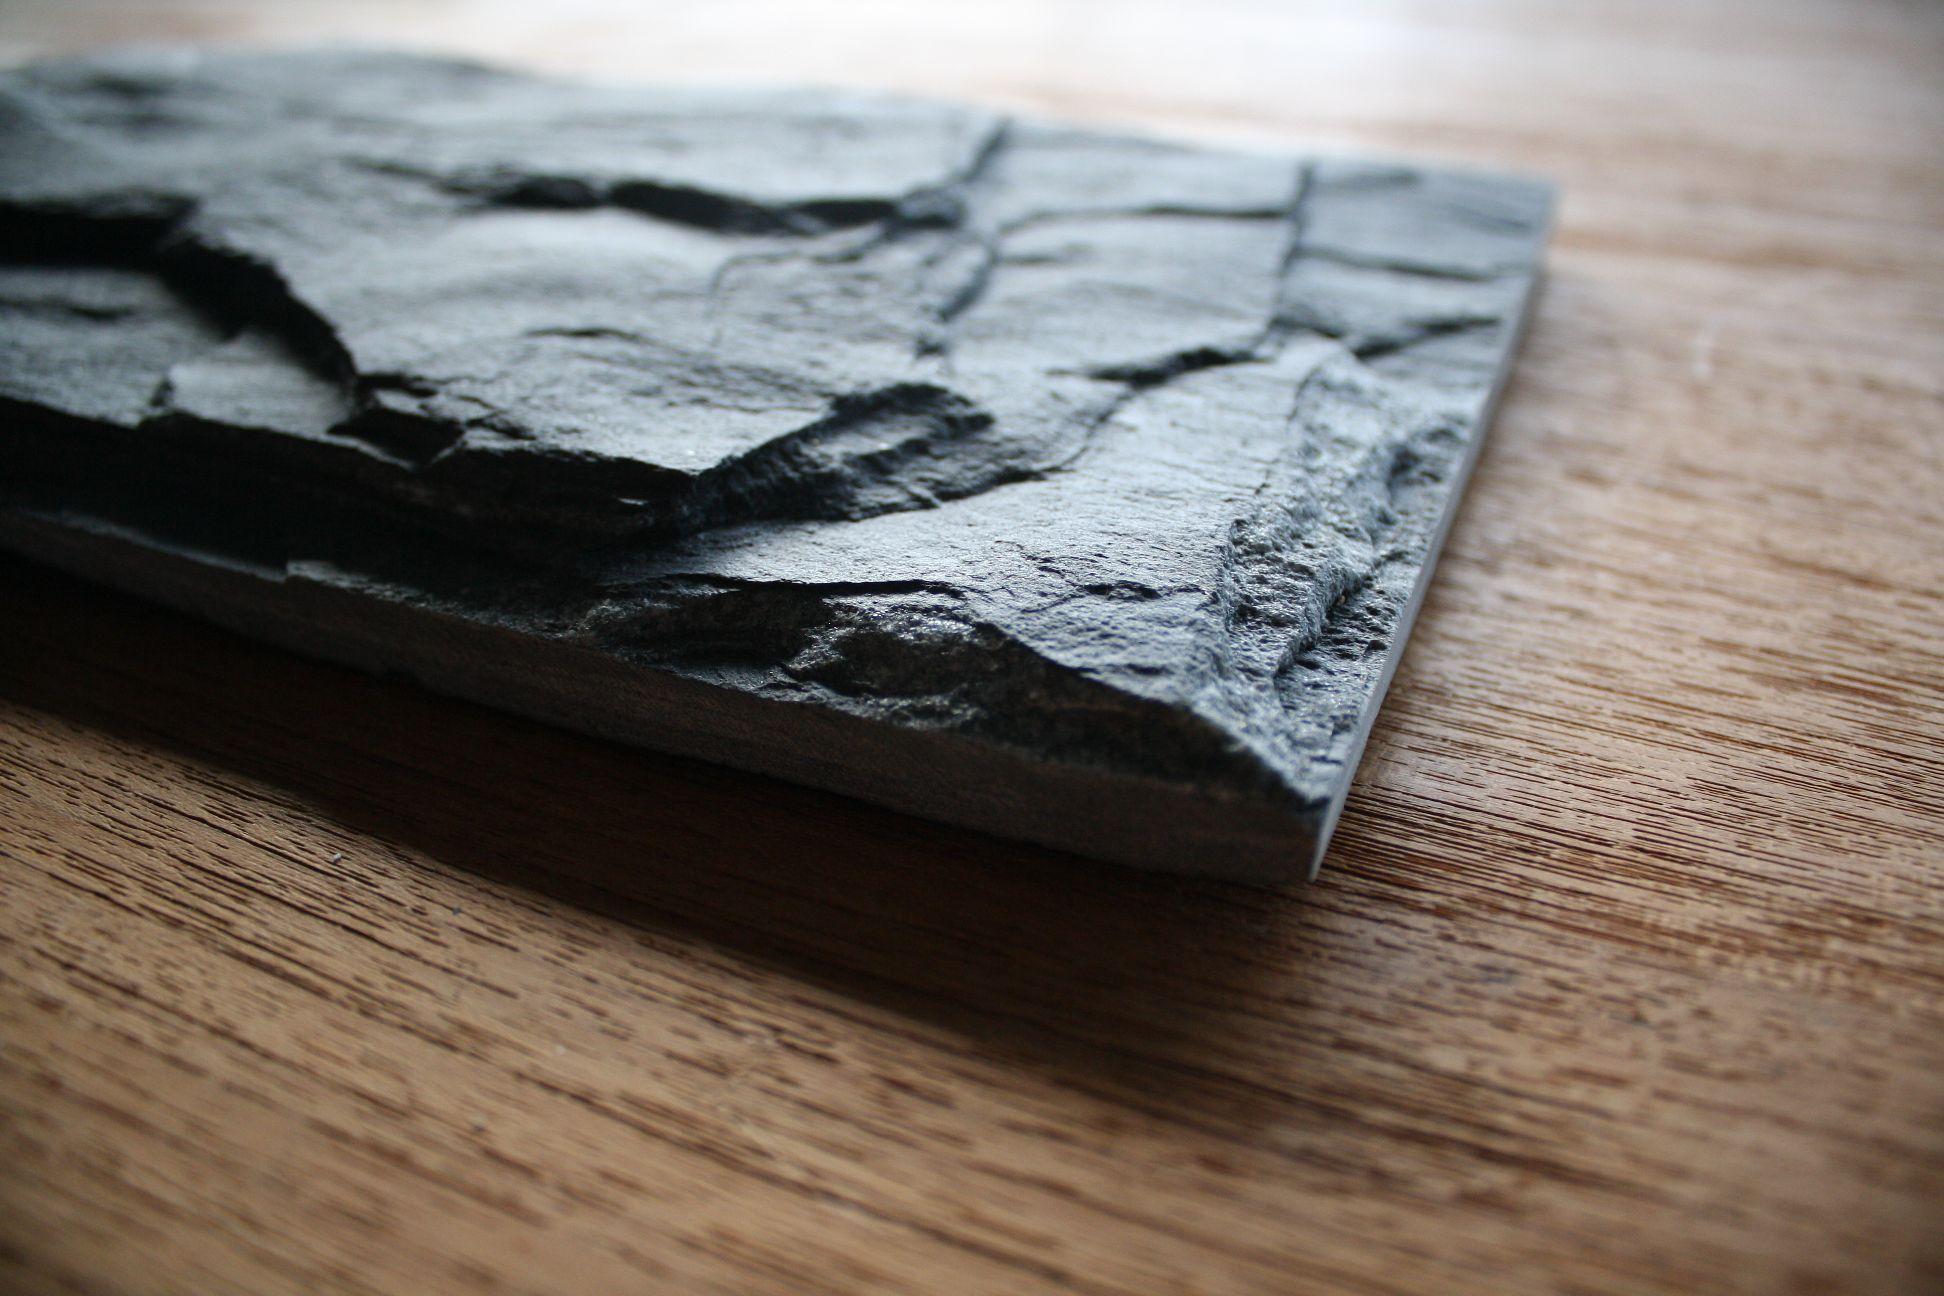 1m wandverkleidung riemchen klinker naturstein stein schiefer wand verblender ebay. Black Bedroom Furniture Sets. Home Design Ideas